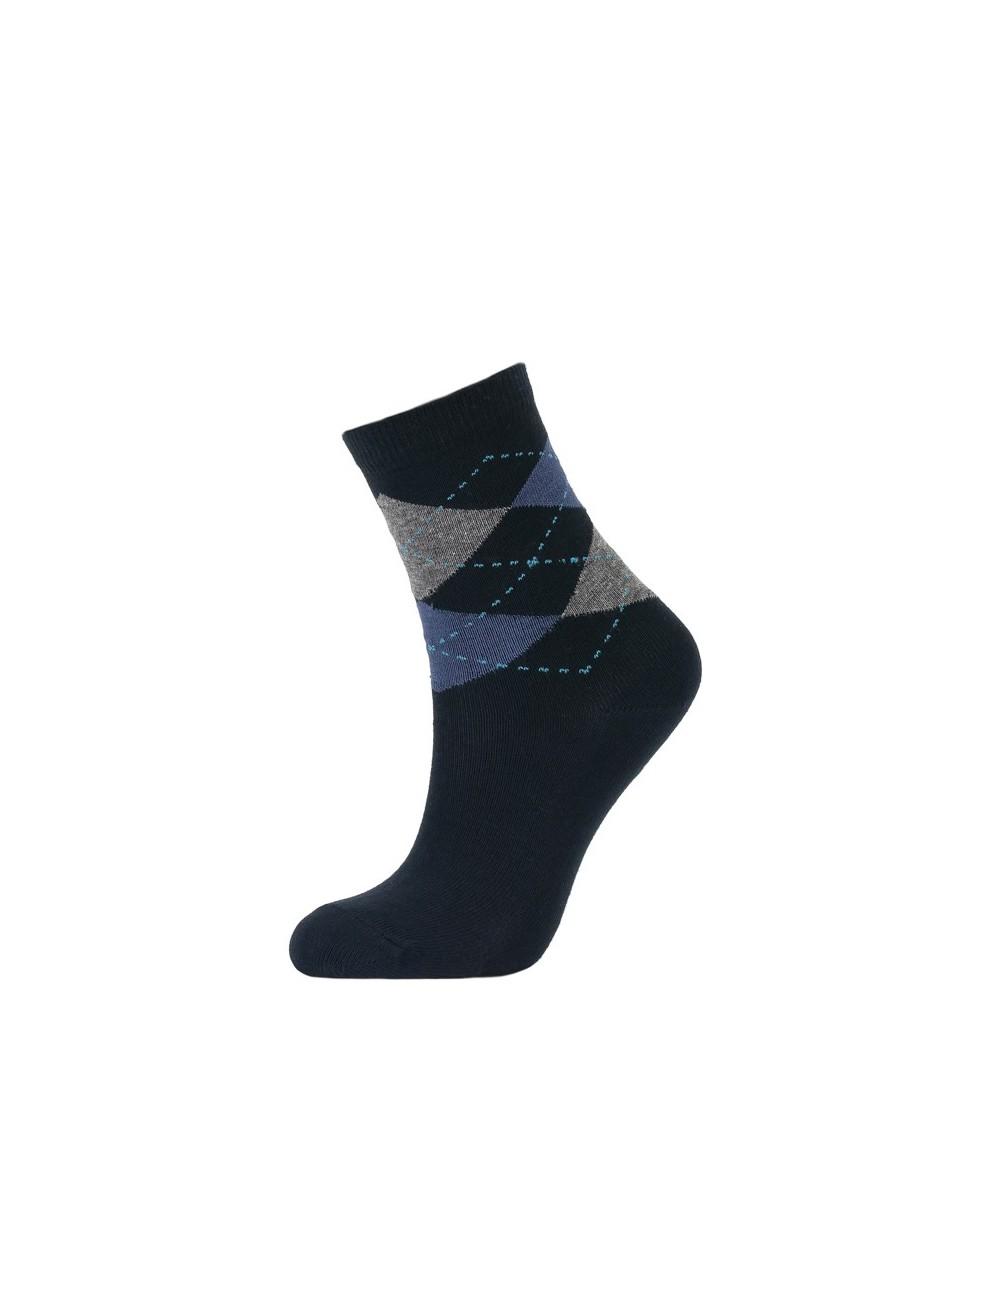 Παιδικές βαμβακερές κάλτσες για αγόρια